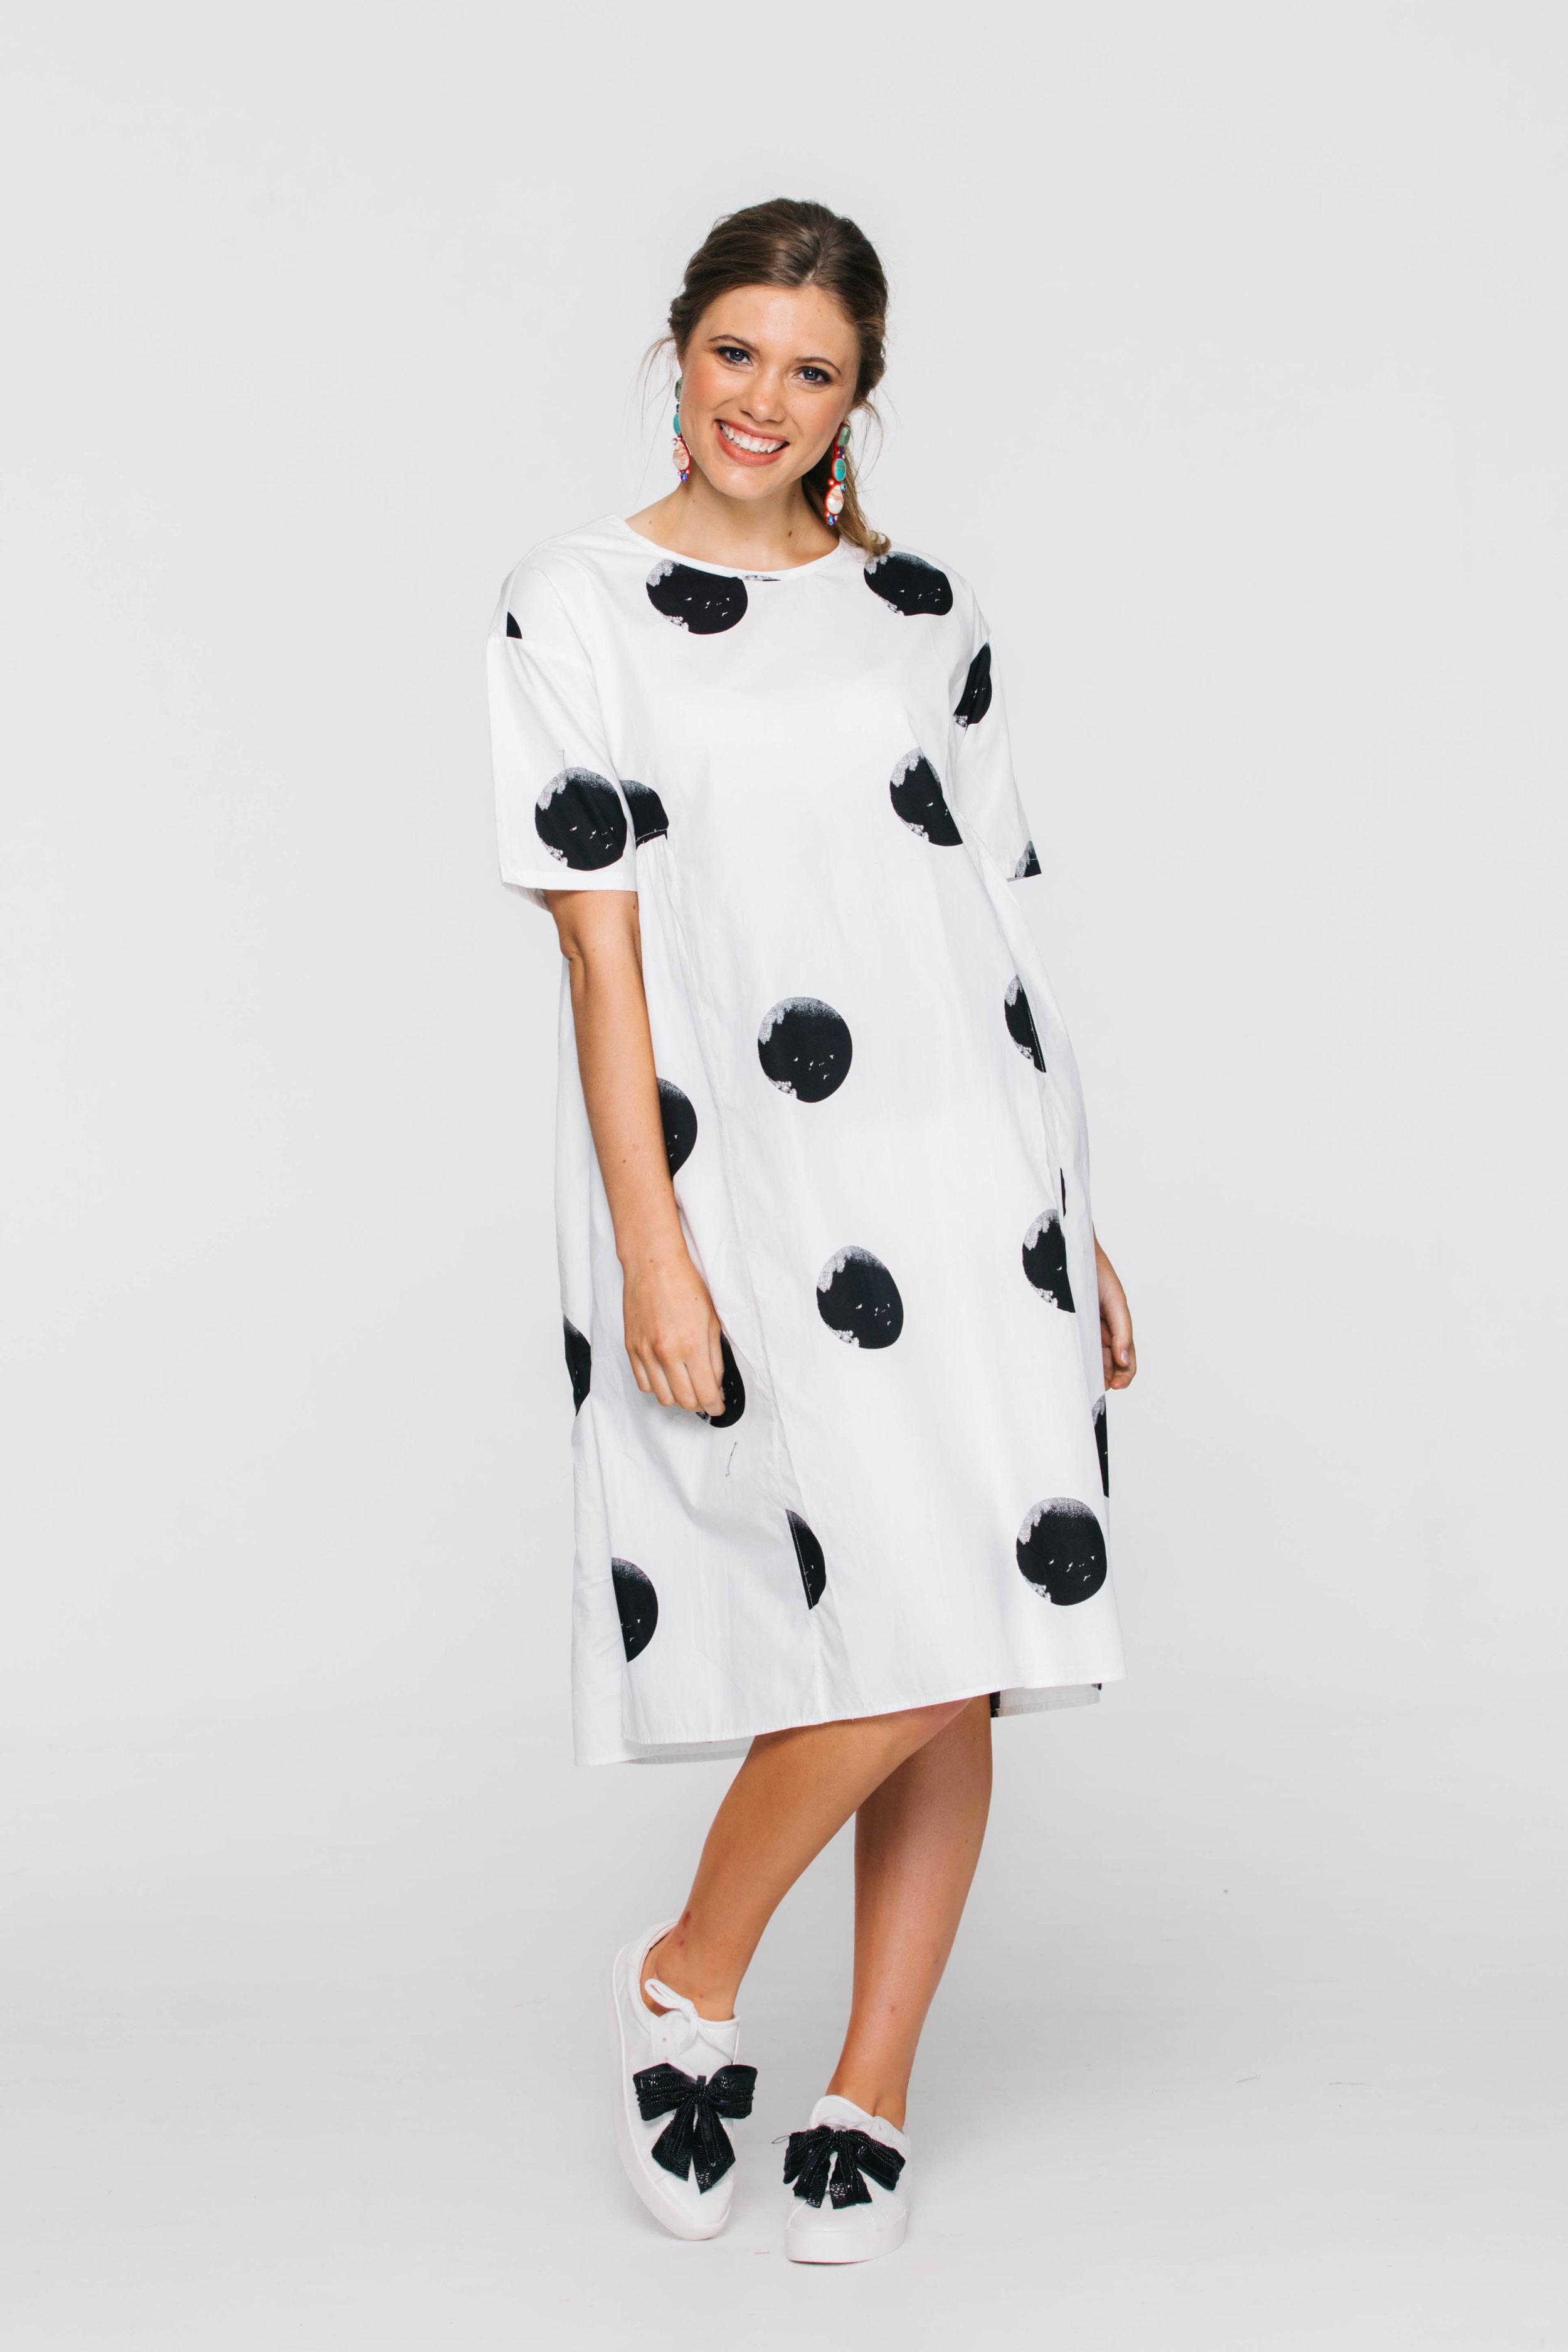 6321V Maddox Dress, Spot Black